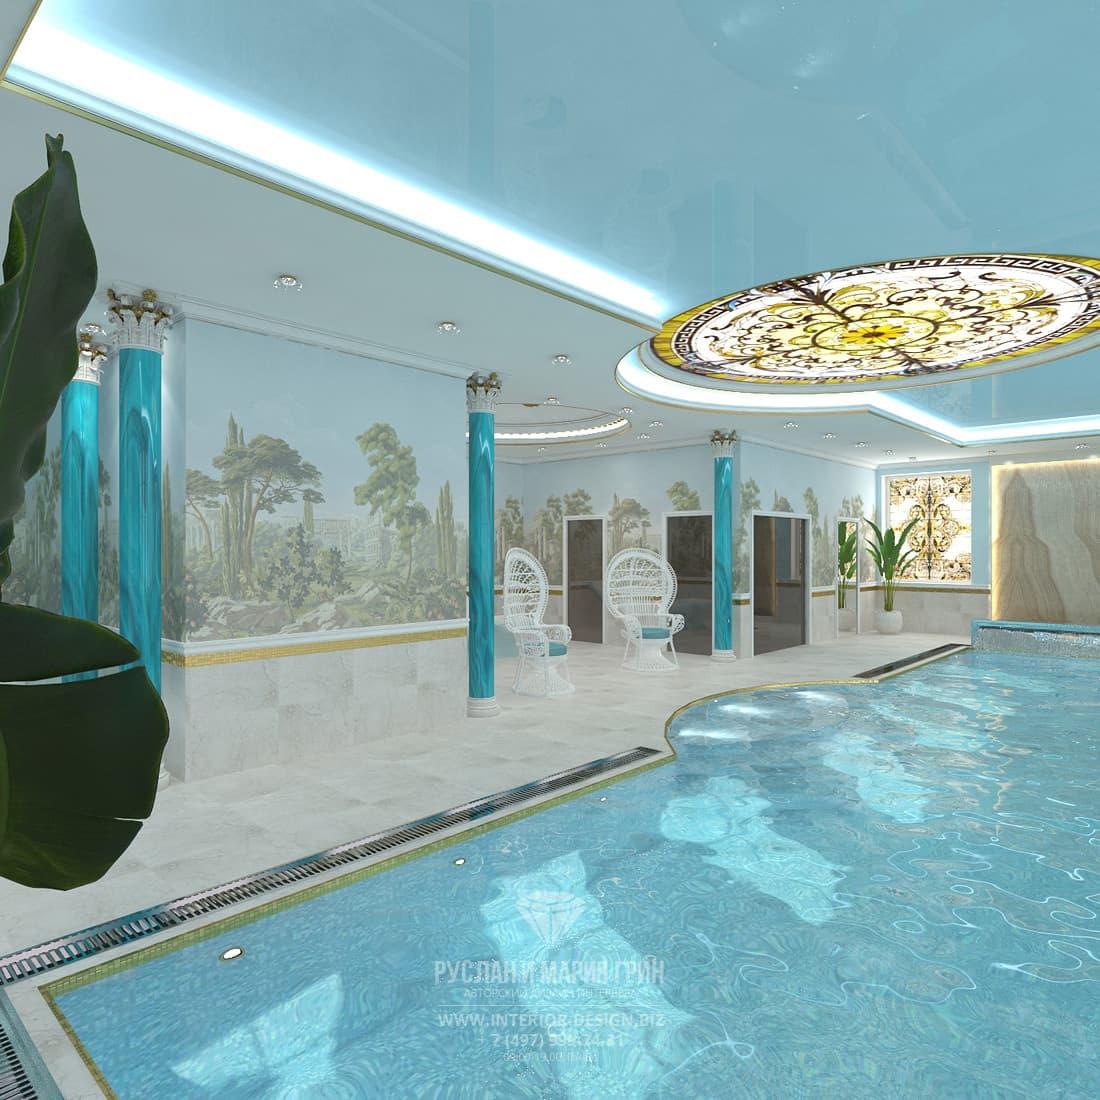 Дизайн интерьера бассейна в загородном доме